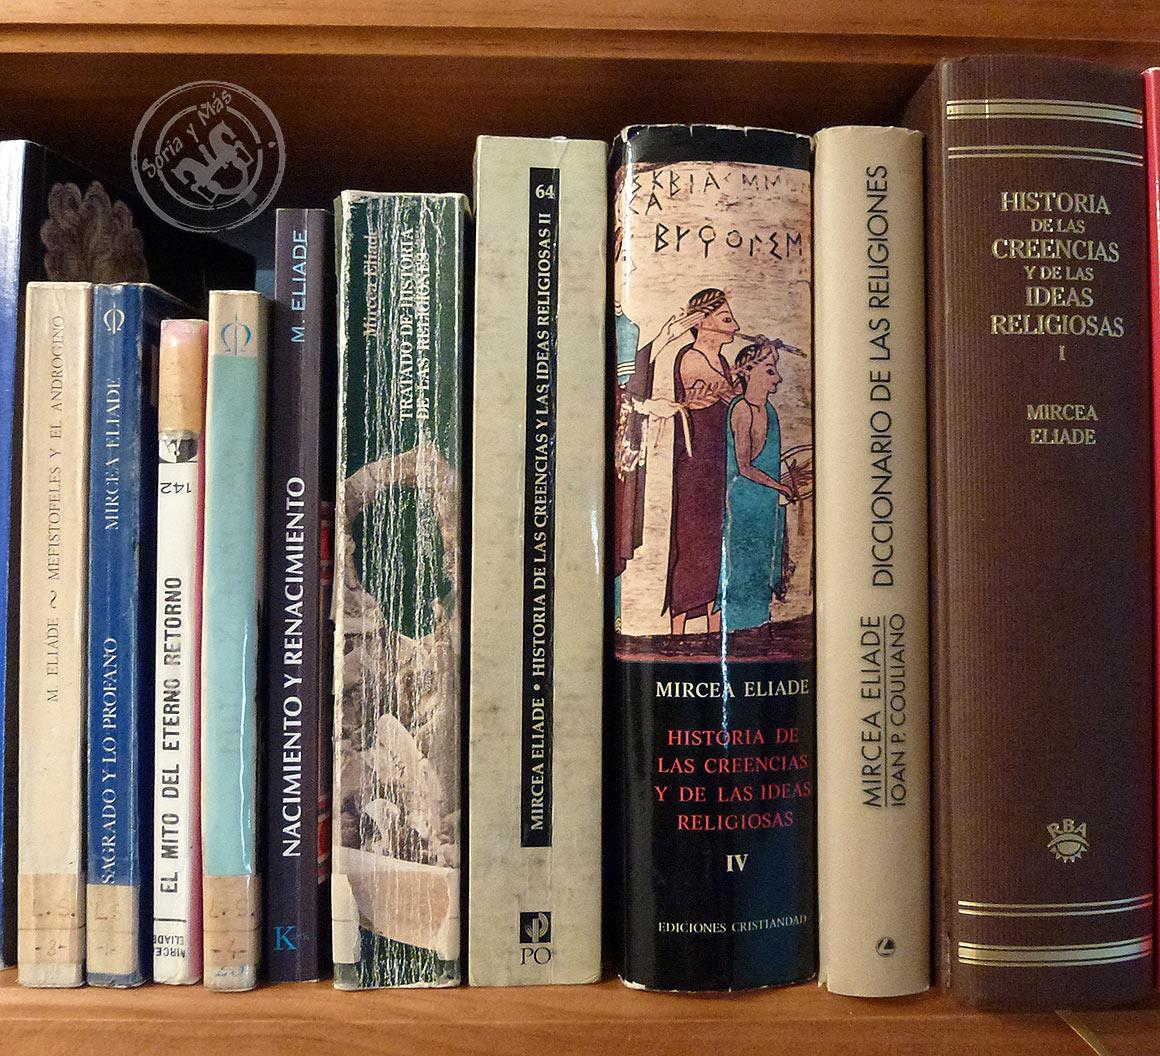 Libros-de-Mircea-Eliade